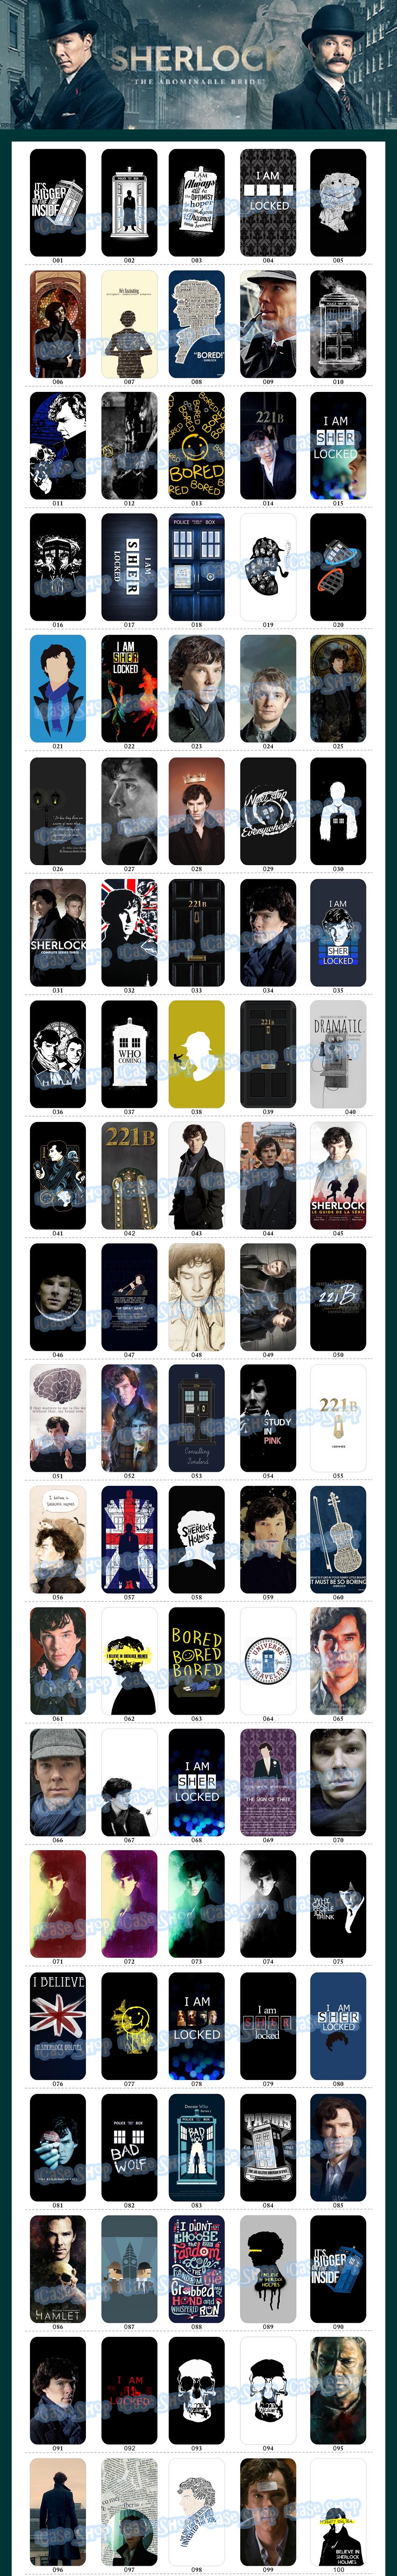 福爾摩斯夏洛克 手機殼iPhone X 8 7 Plus 6S 5s 三星A7 J7 E7 S8 S7 Note 8 5